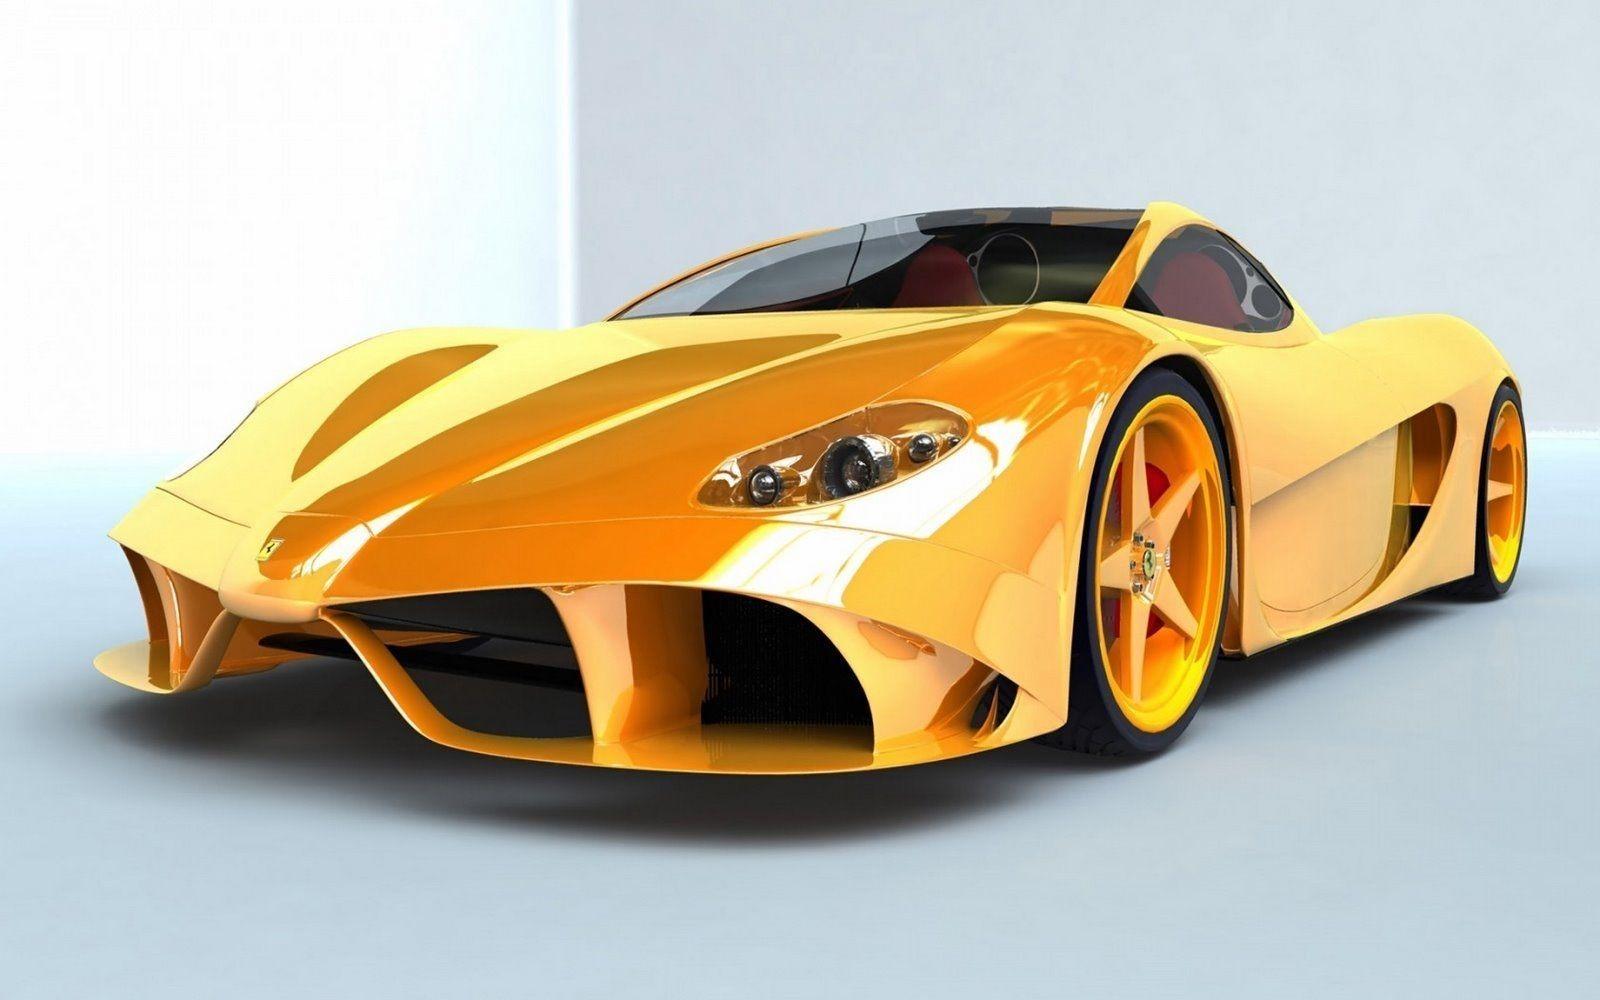 Future Cars Mobile HD Wallpaper